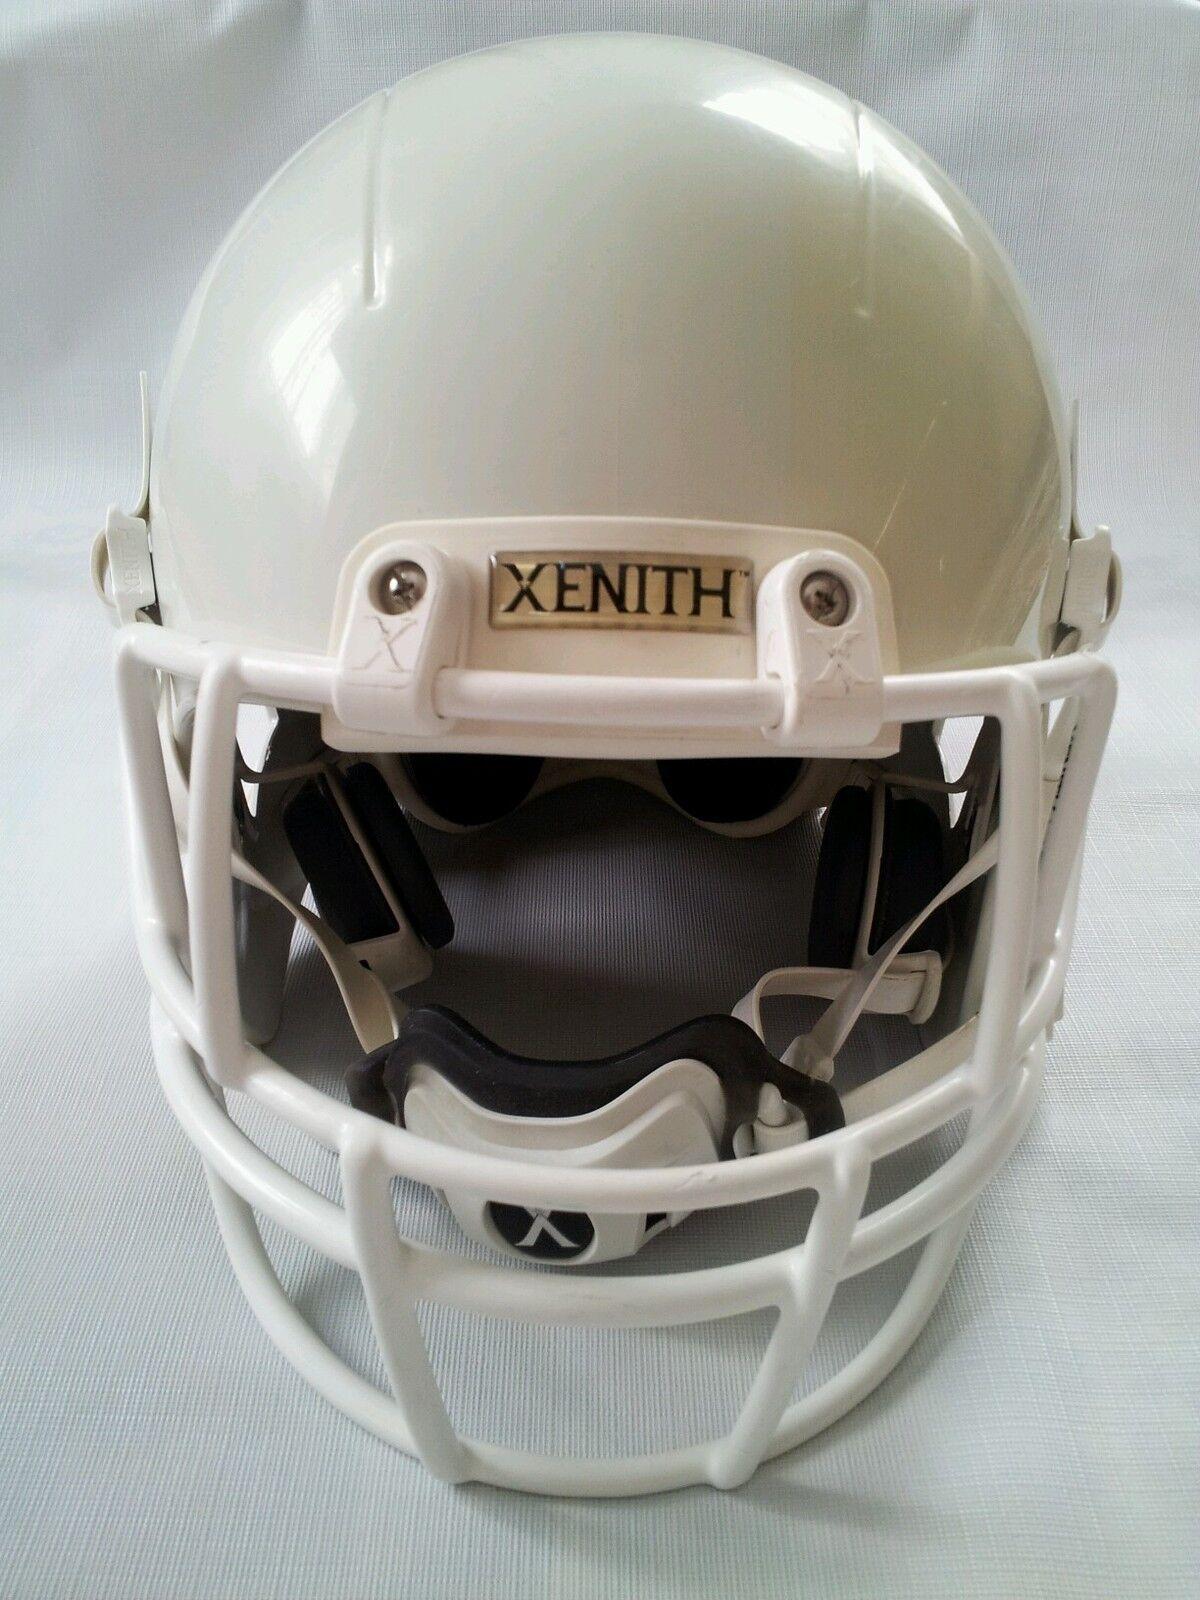 Xenith Helmet Size